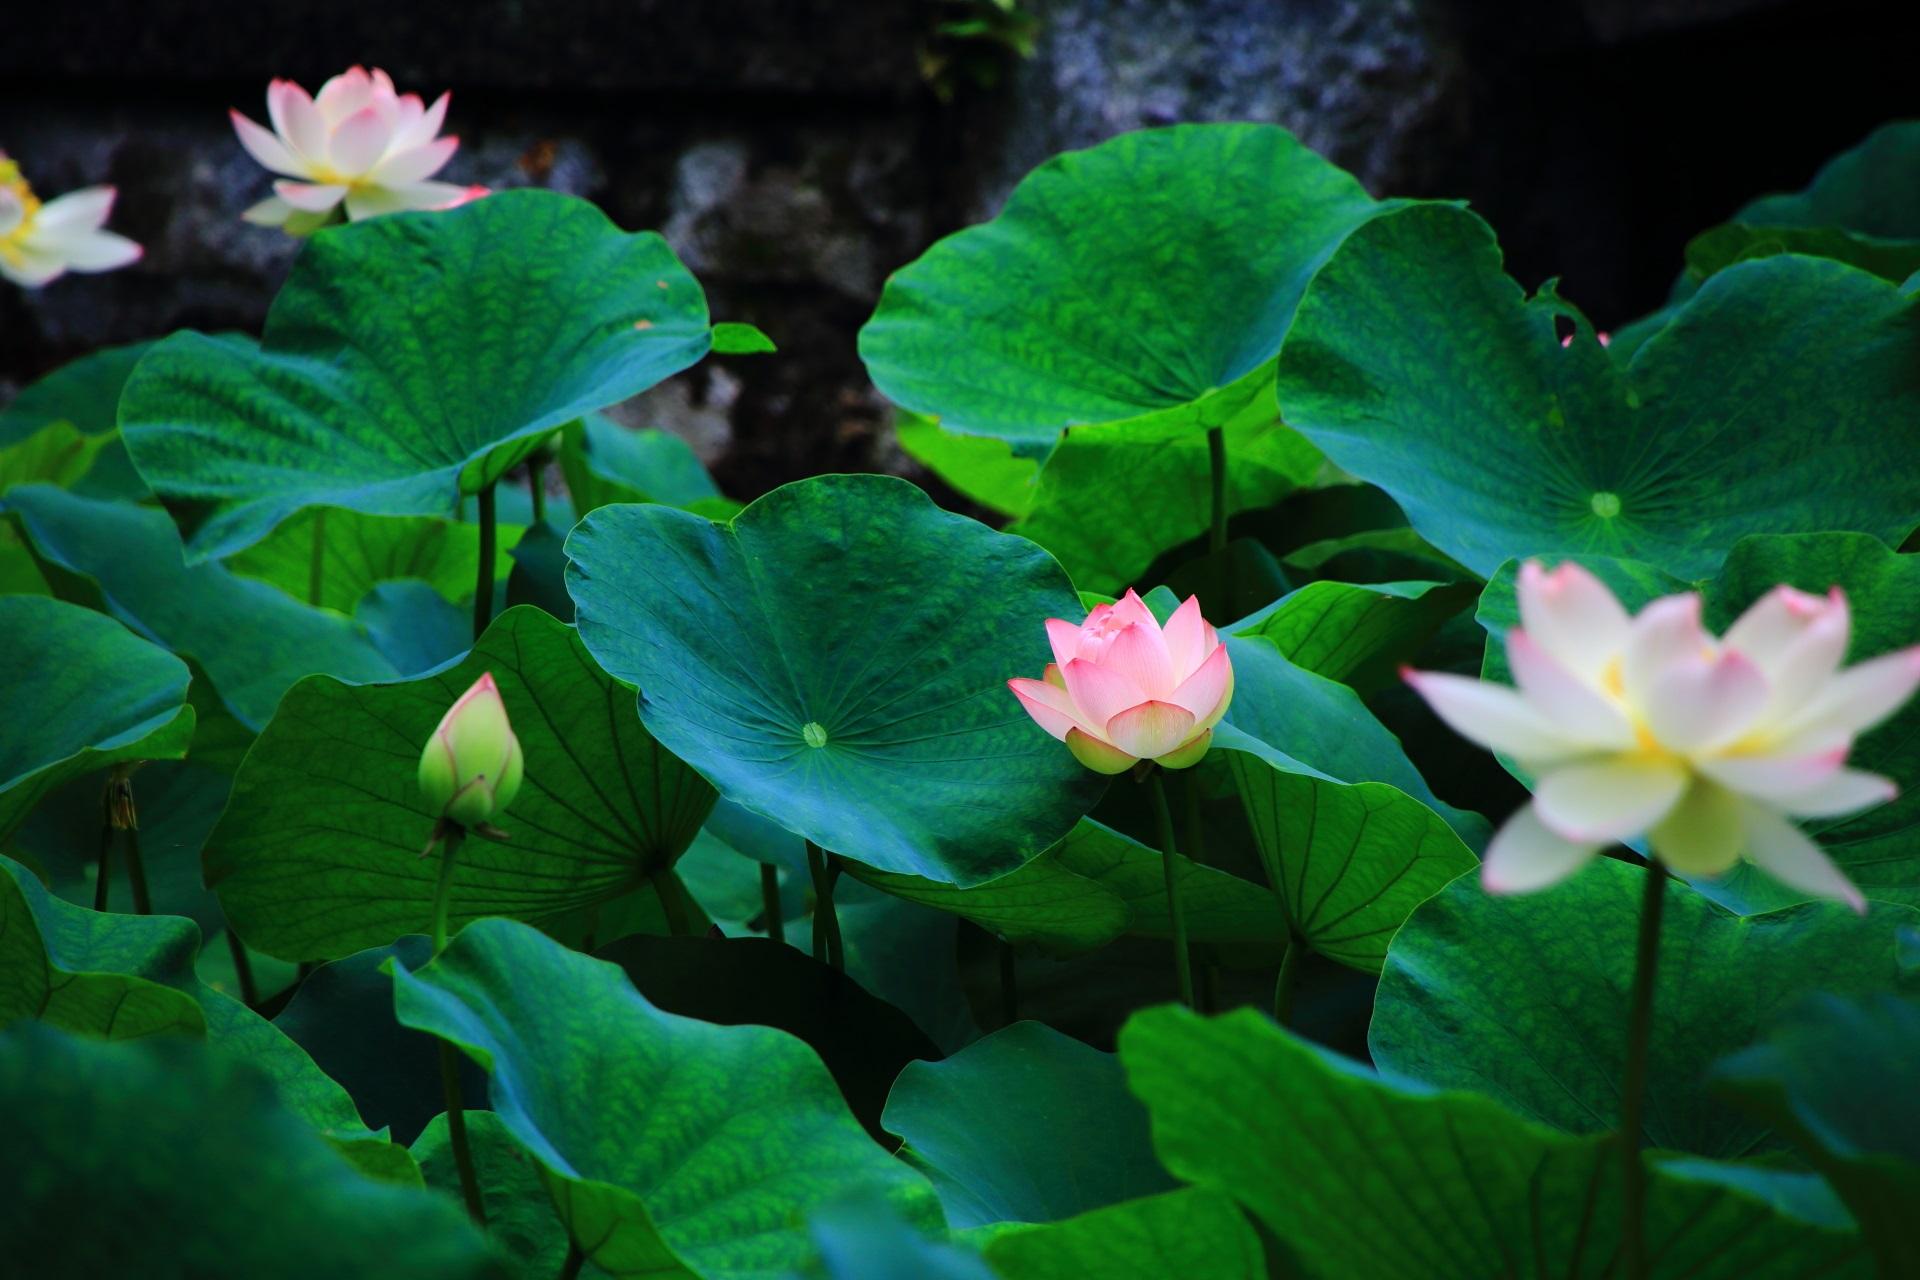 知恩院の鮮やかな緑に映える華やかな蓮の花